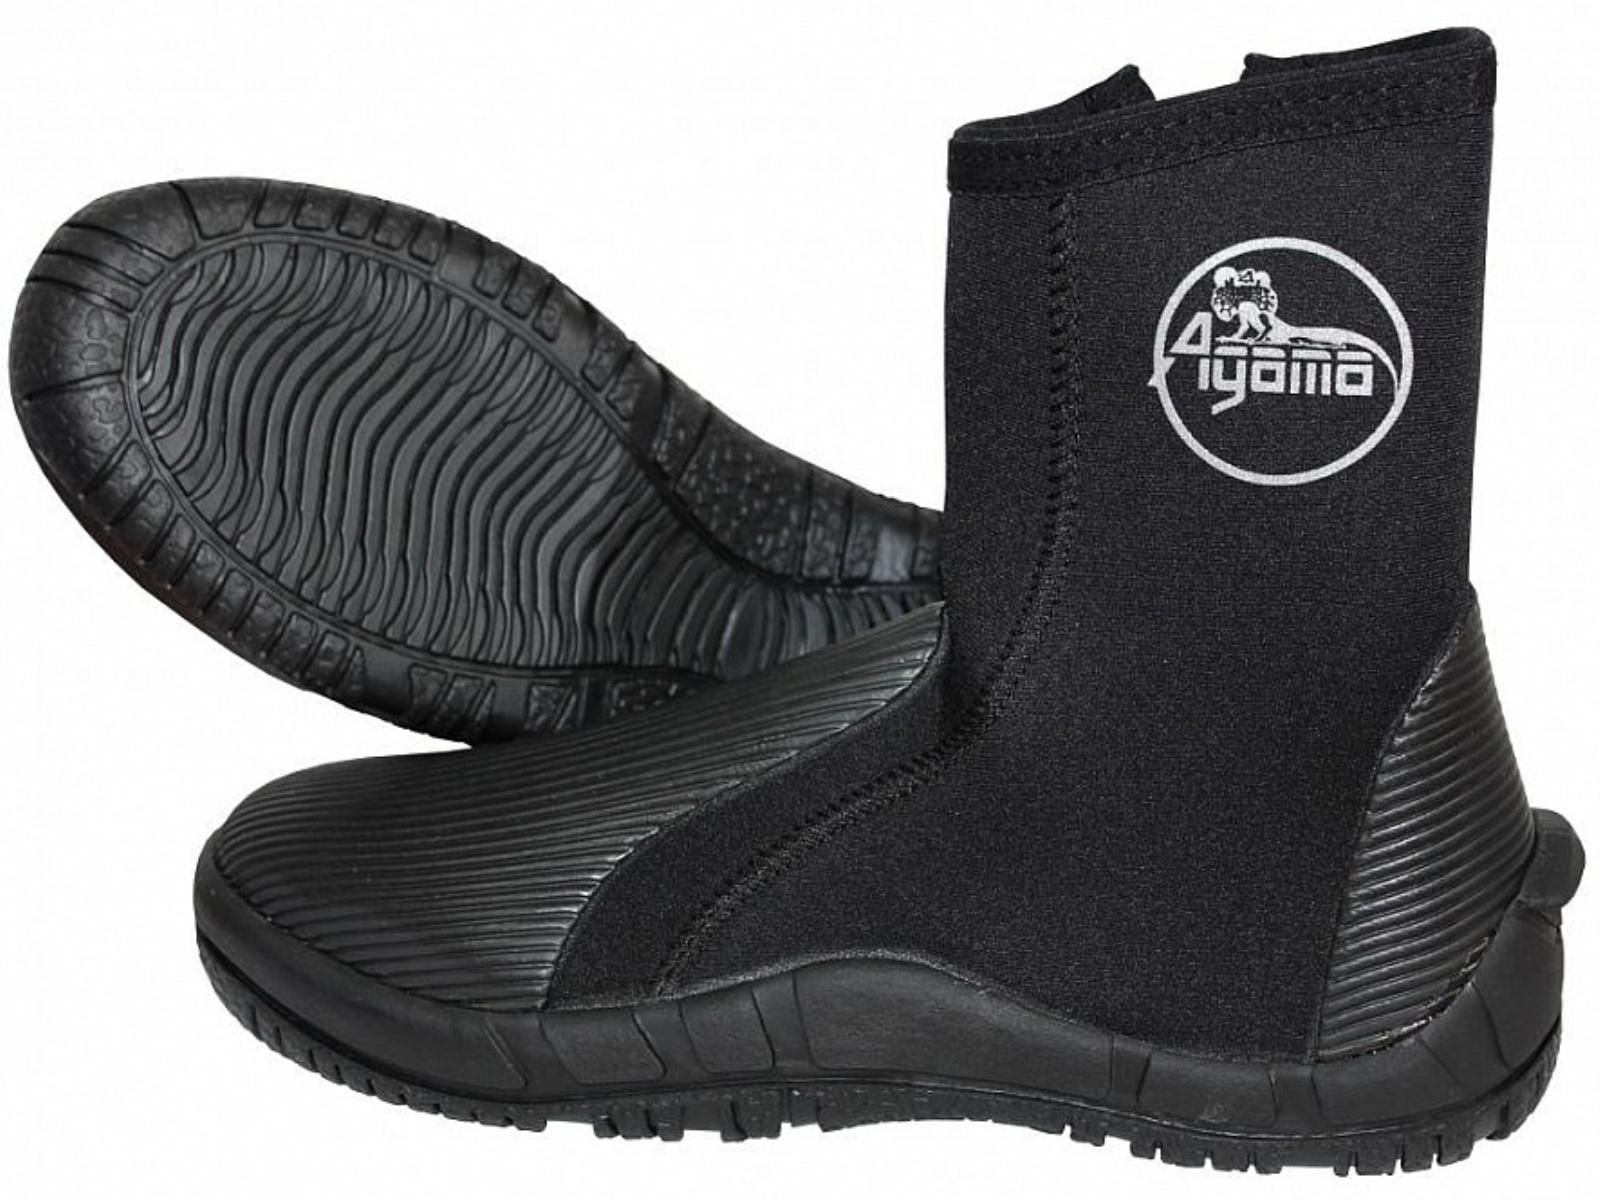 Neoprénové topánky AGAMA Warcraft 5 mm - veľ. 40-41